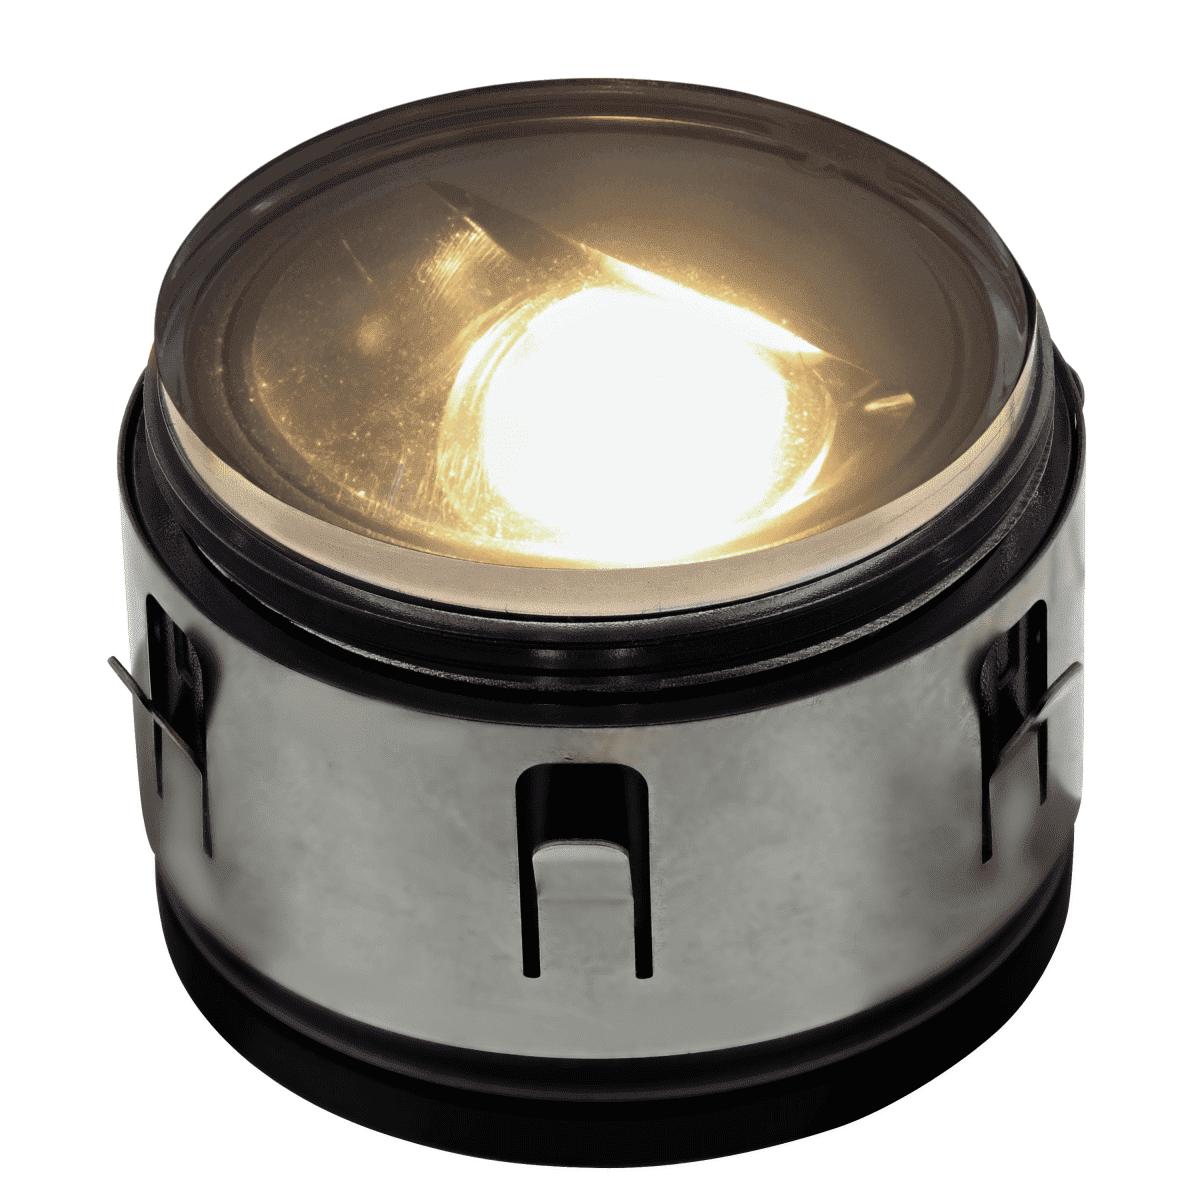 Inlite Richtbare inbouwspot Luna 12 volt In lite 10104180